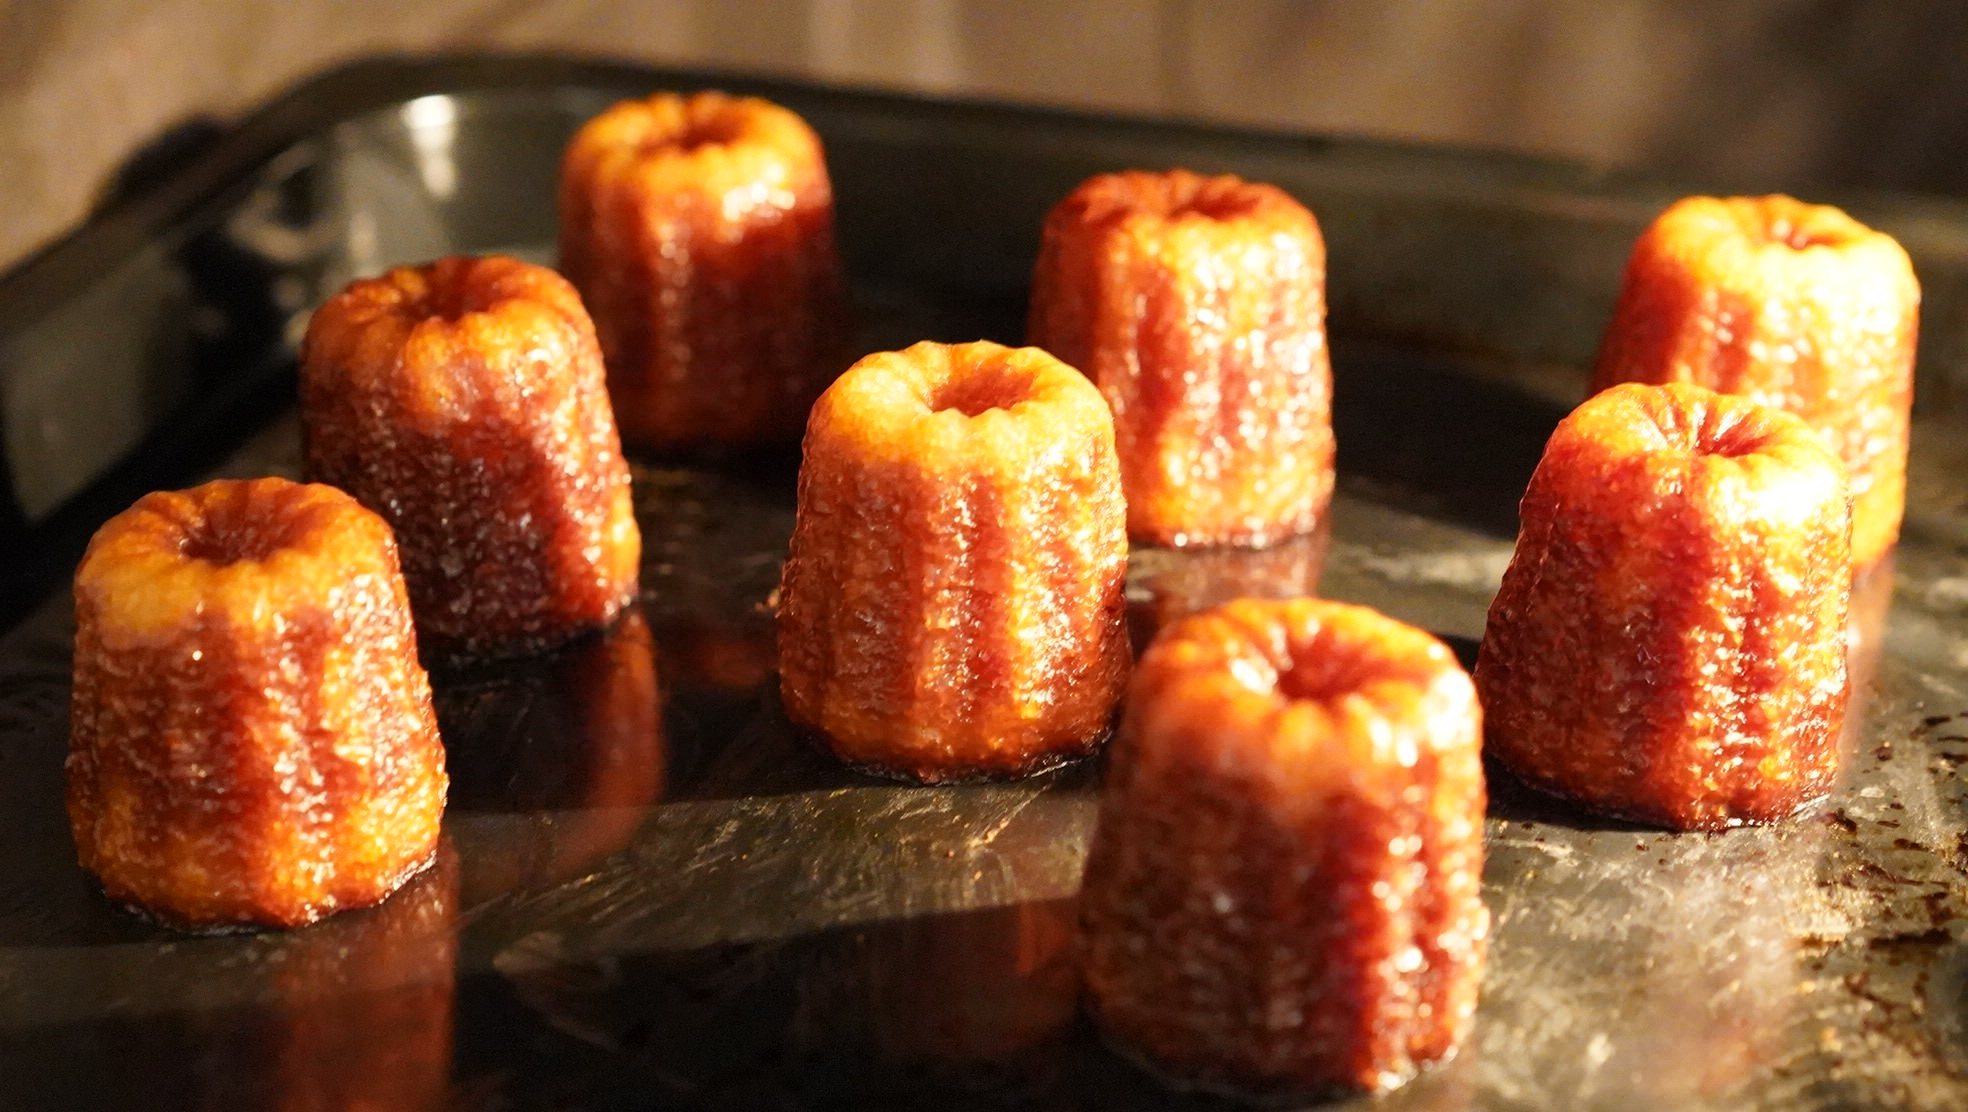 ピカールのおすすめ冷凍食品「ミニカヌレ」をオーブンで焼いている写真